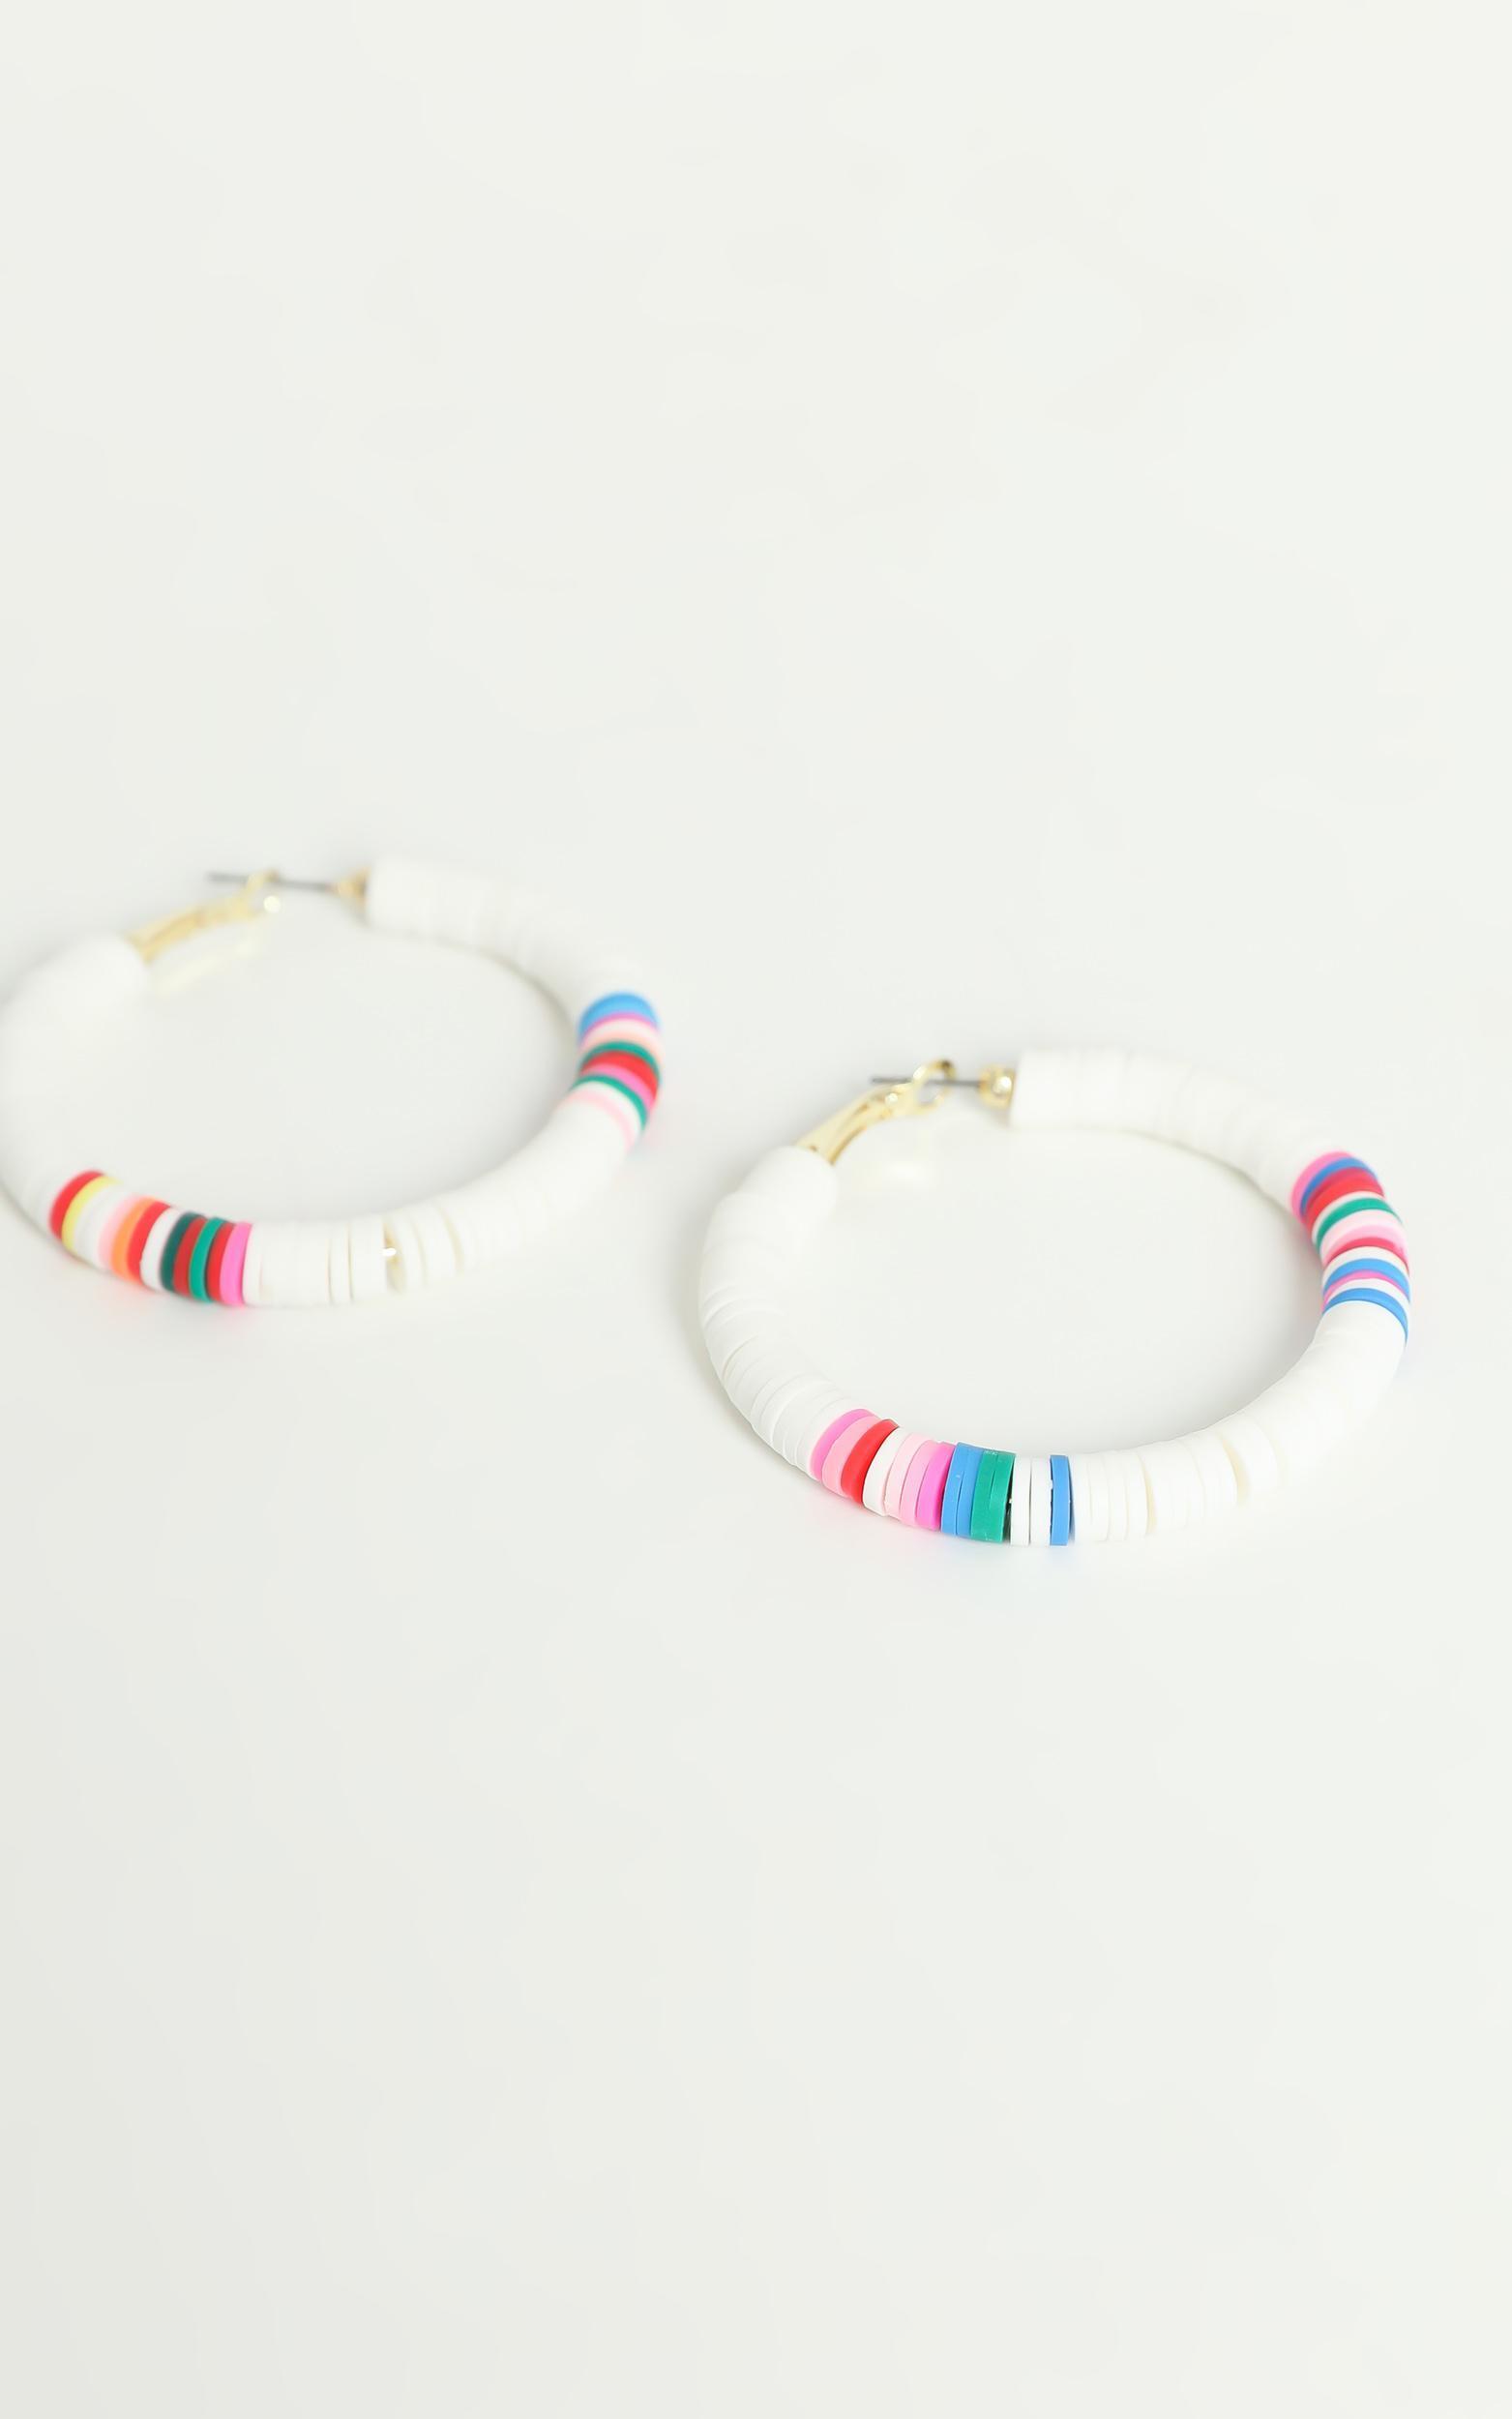 Quinnie Beaded Hoop Earrings in White, , hi-res image number null